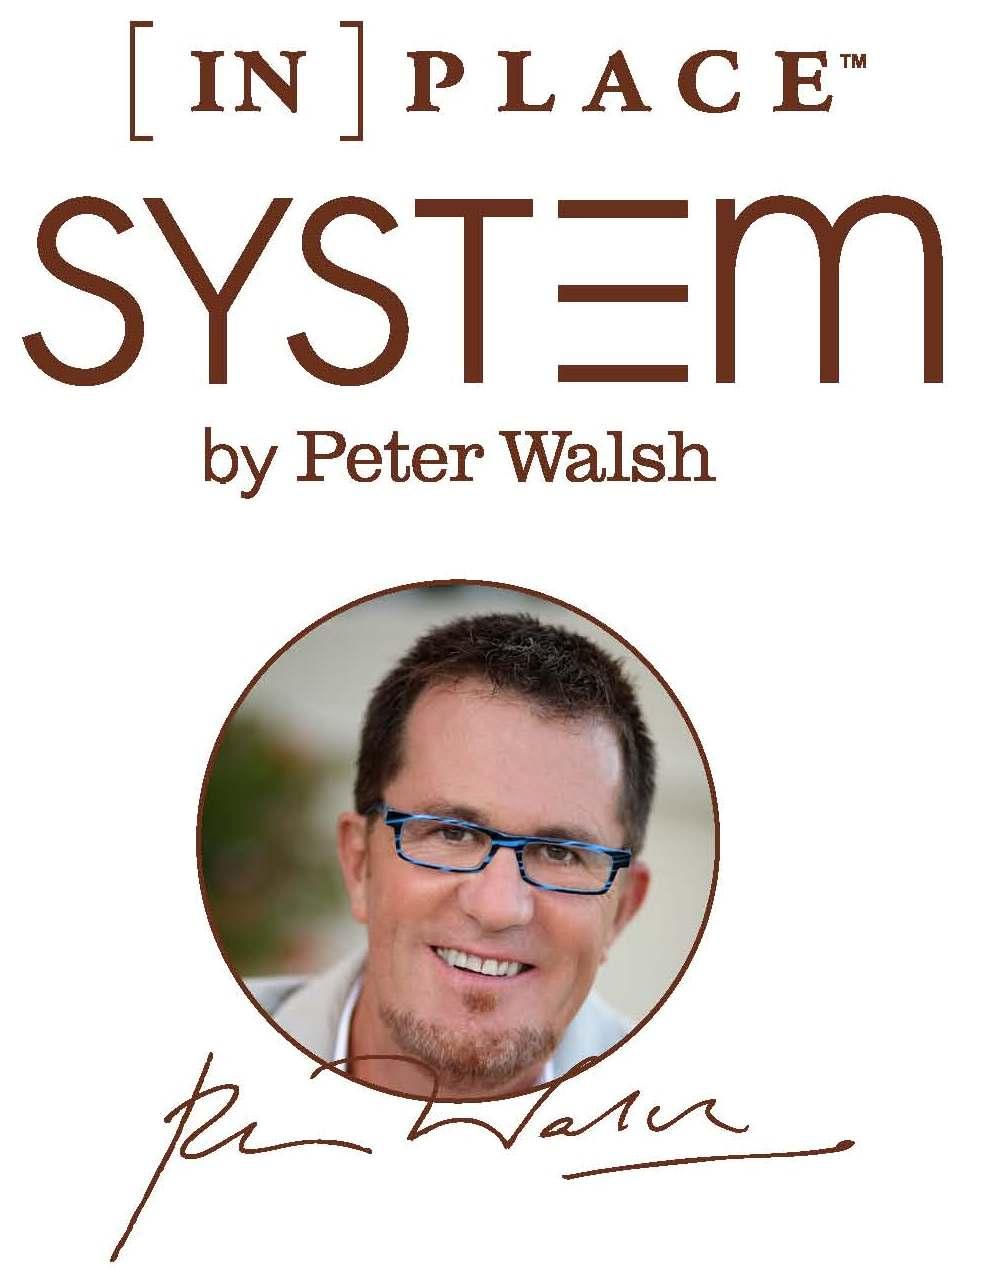 inplacesystembypeterwalsh_logo